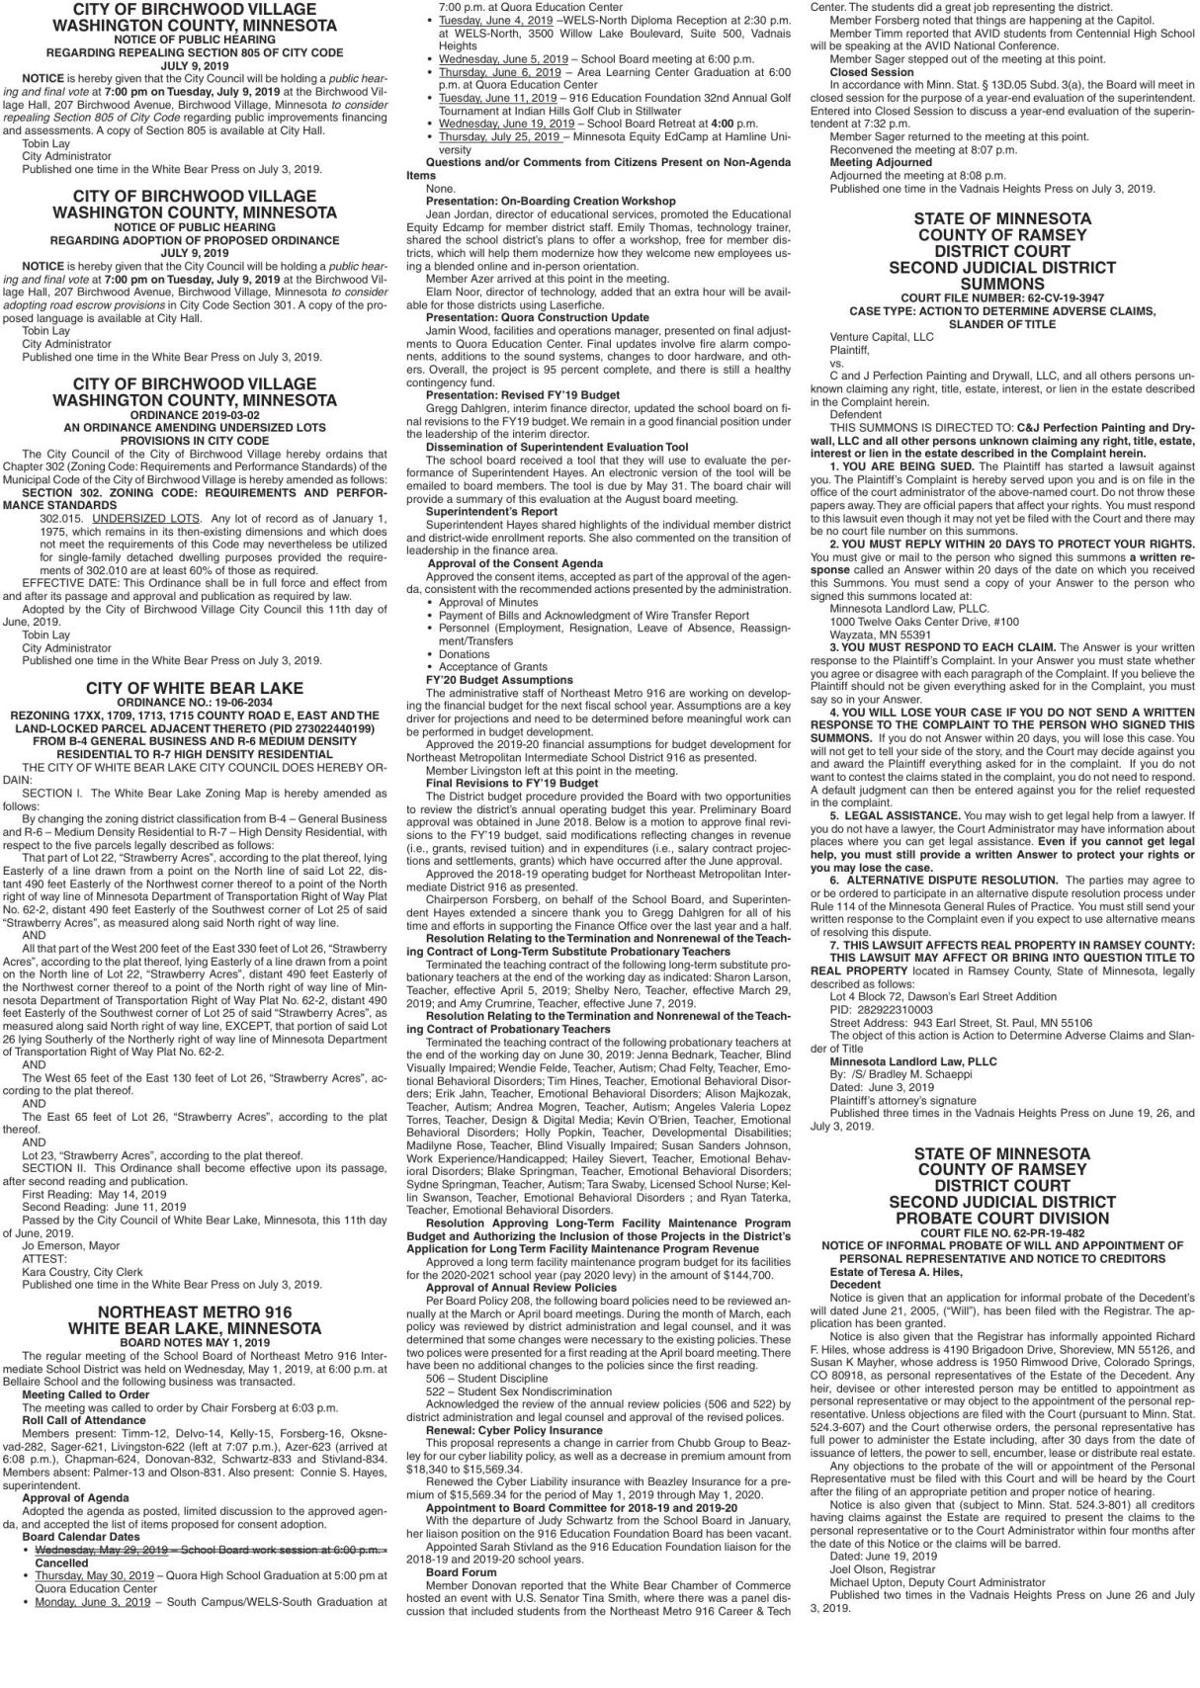 Legals WBVH 7-3-19